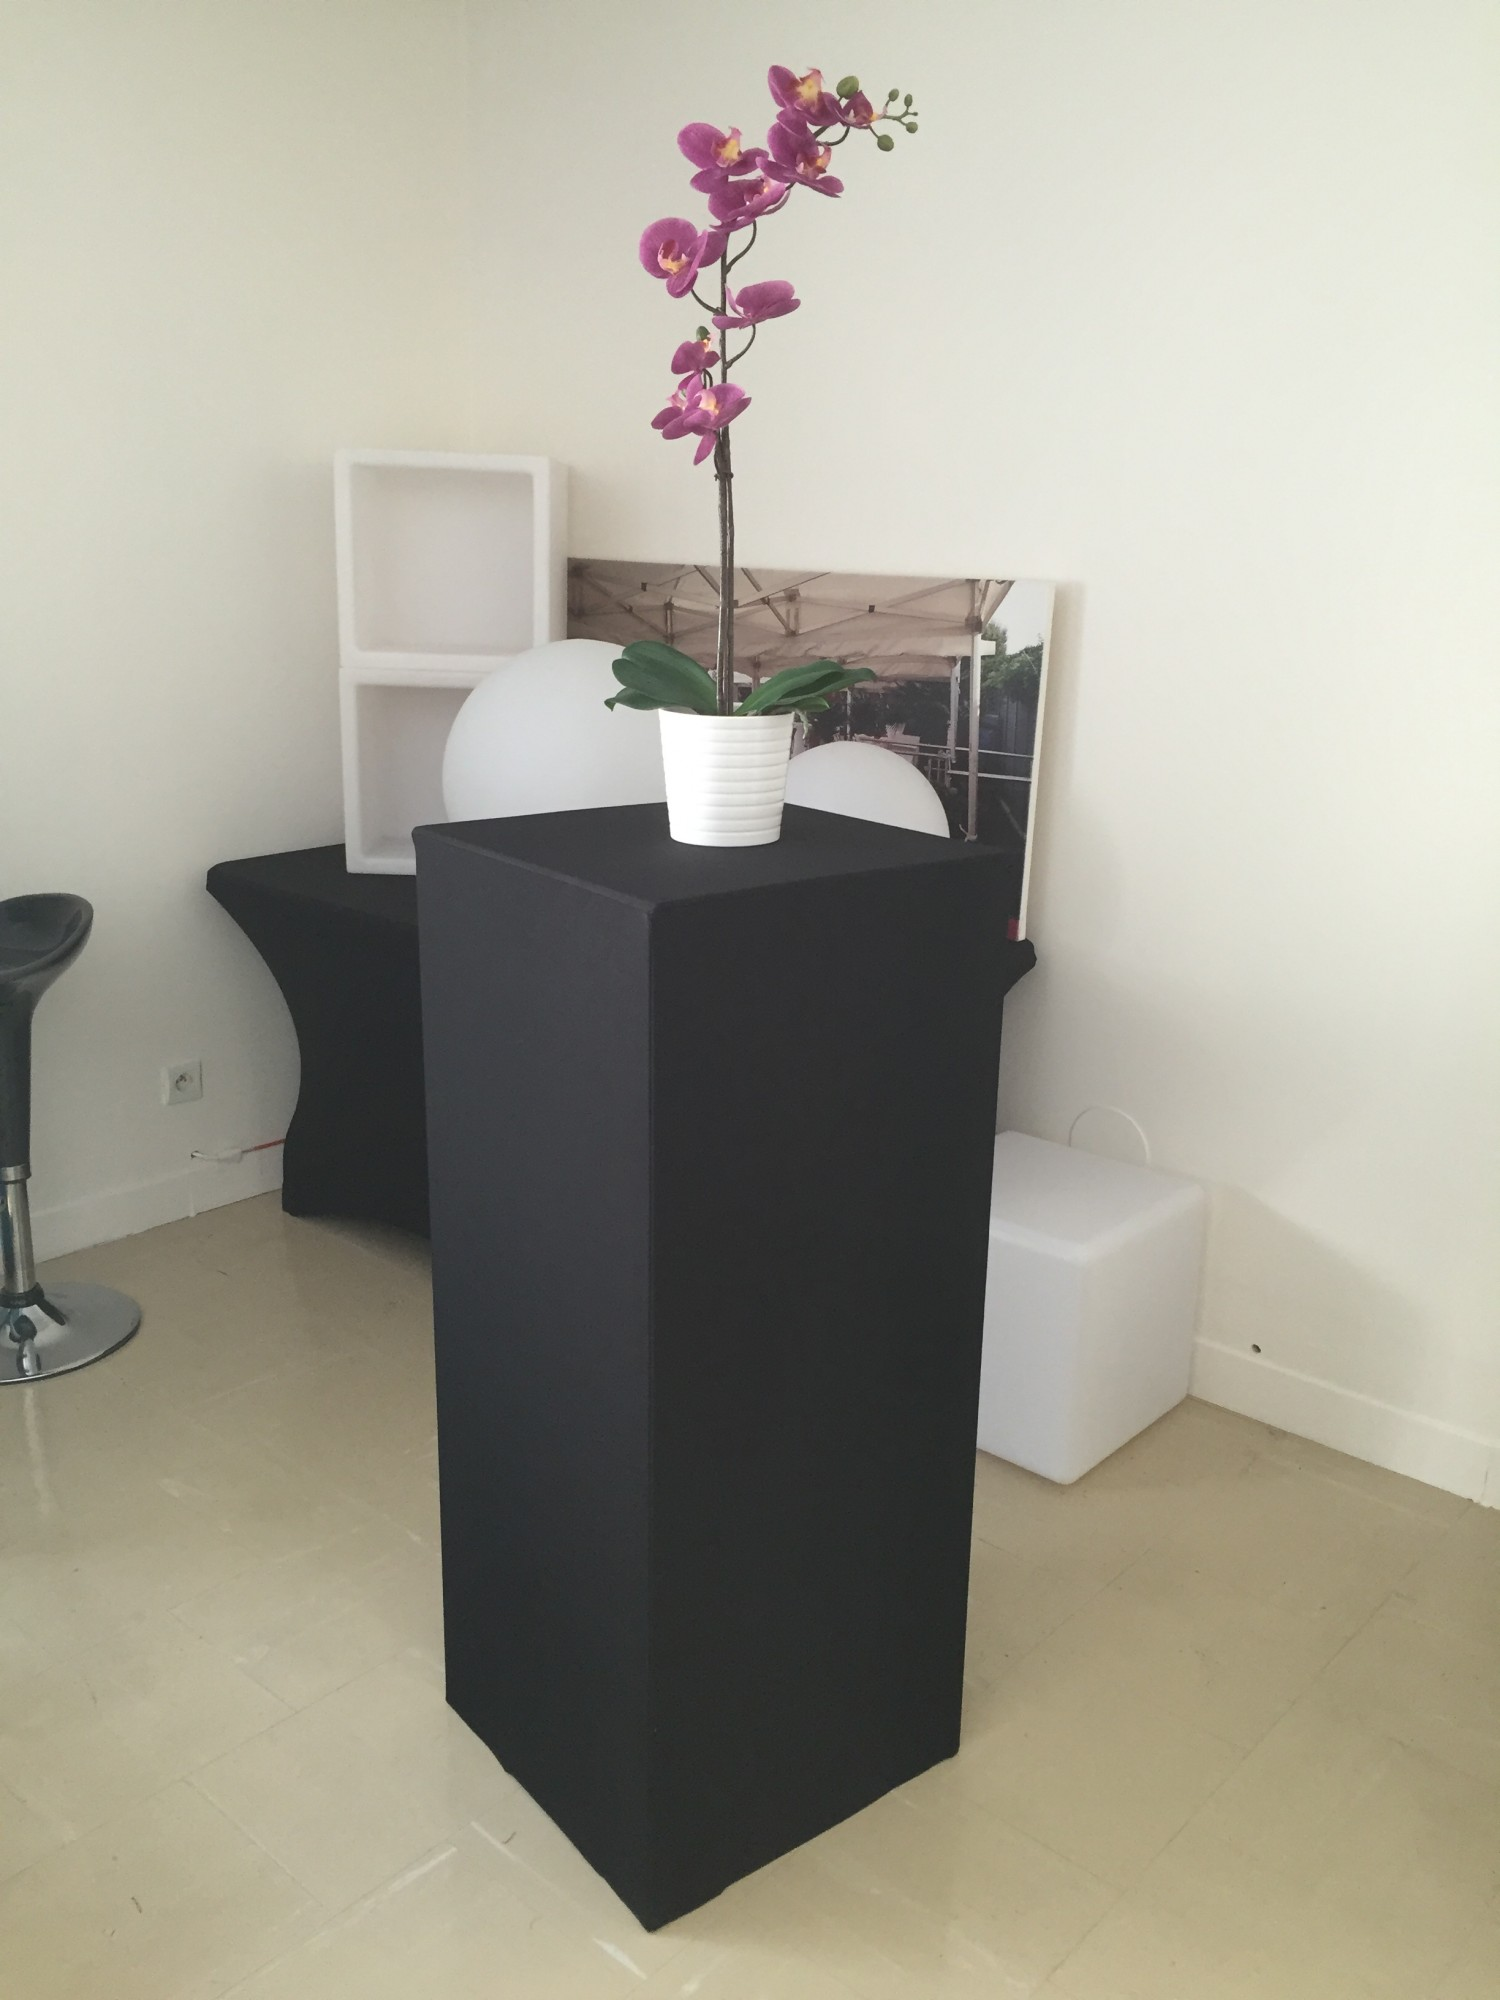 location de st le houss e noire location mobilier de r ception paris locaprod ev nement. Black Bedroom Furniture Sets. Home Design Ideas